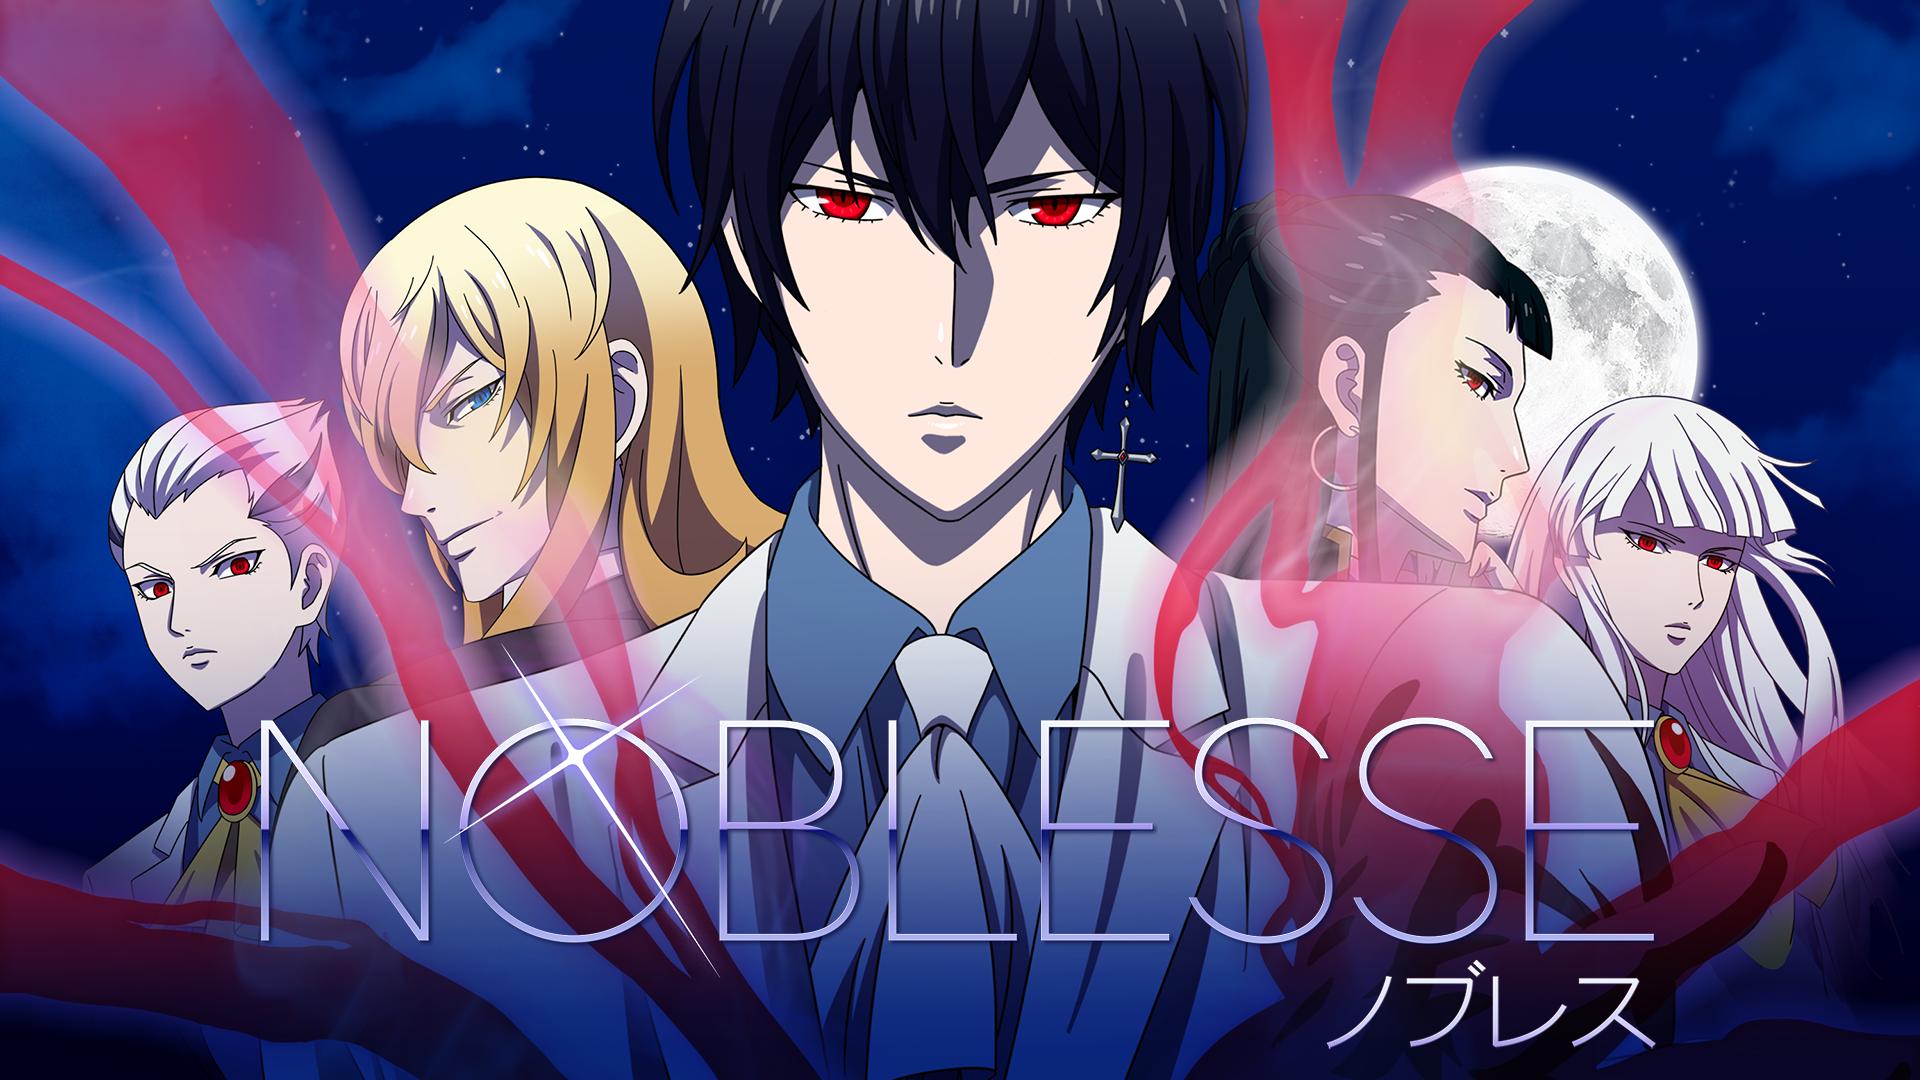 アニメ『NOBLESSE ノブレス』見逃し動画配信!全話を無料フル視聴する方法!声優情報まとめ